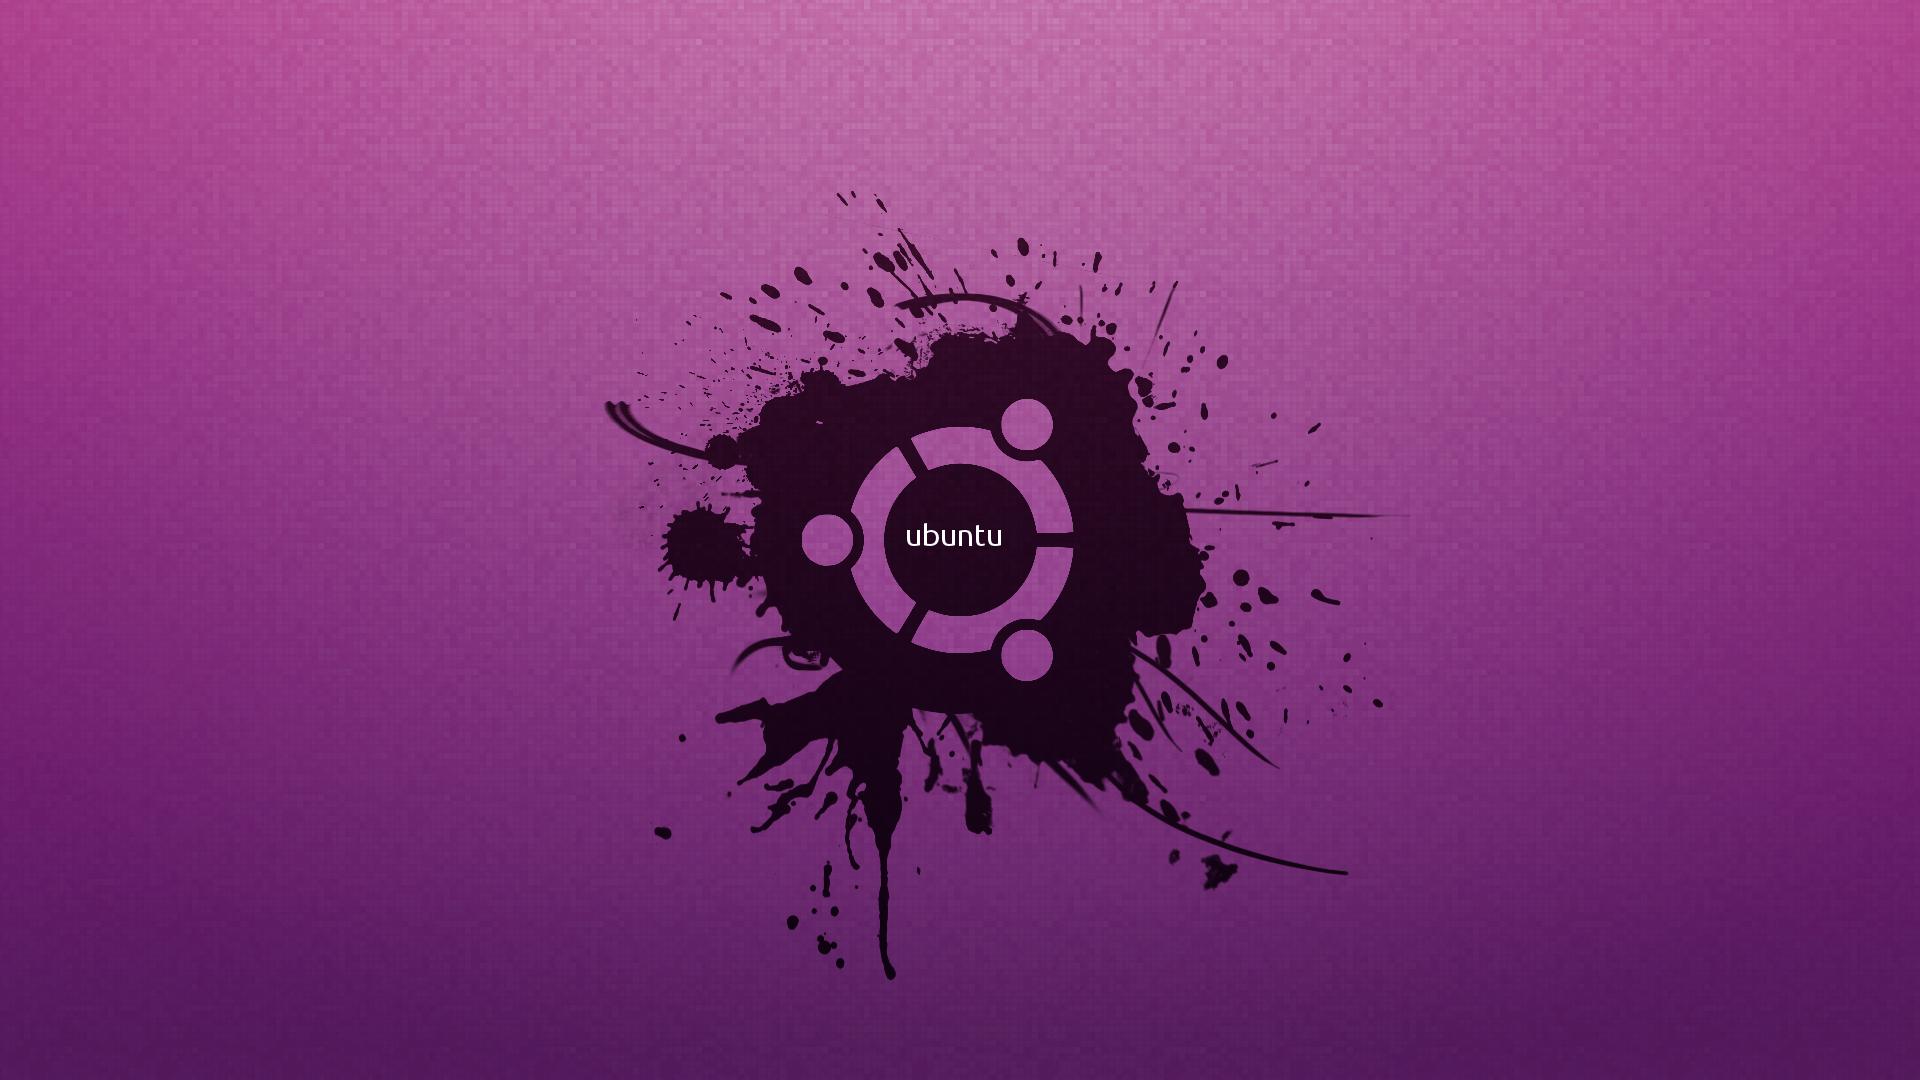 Ubuntu Wallpapers Best Wallpapers 1920x1080